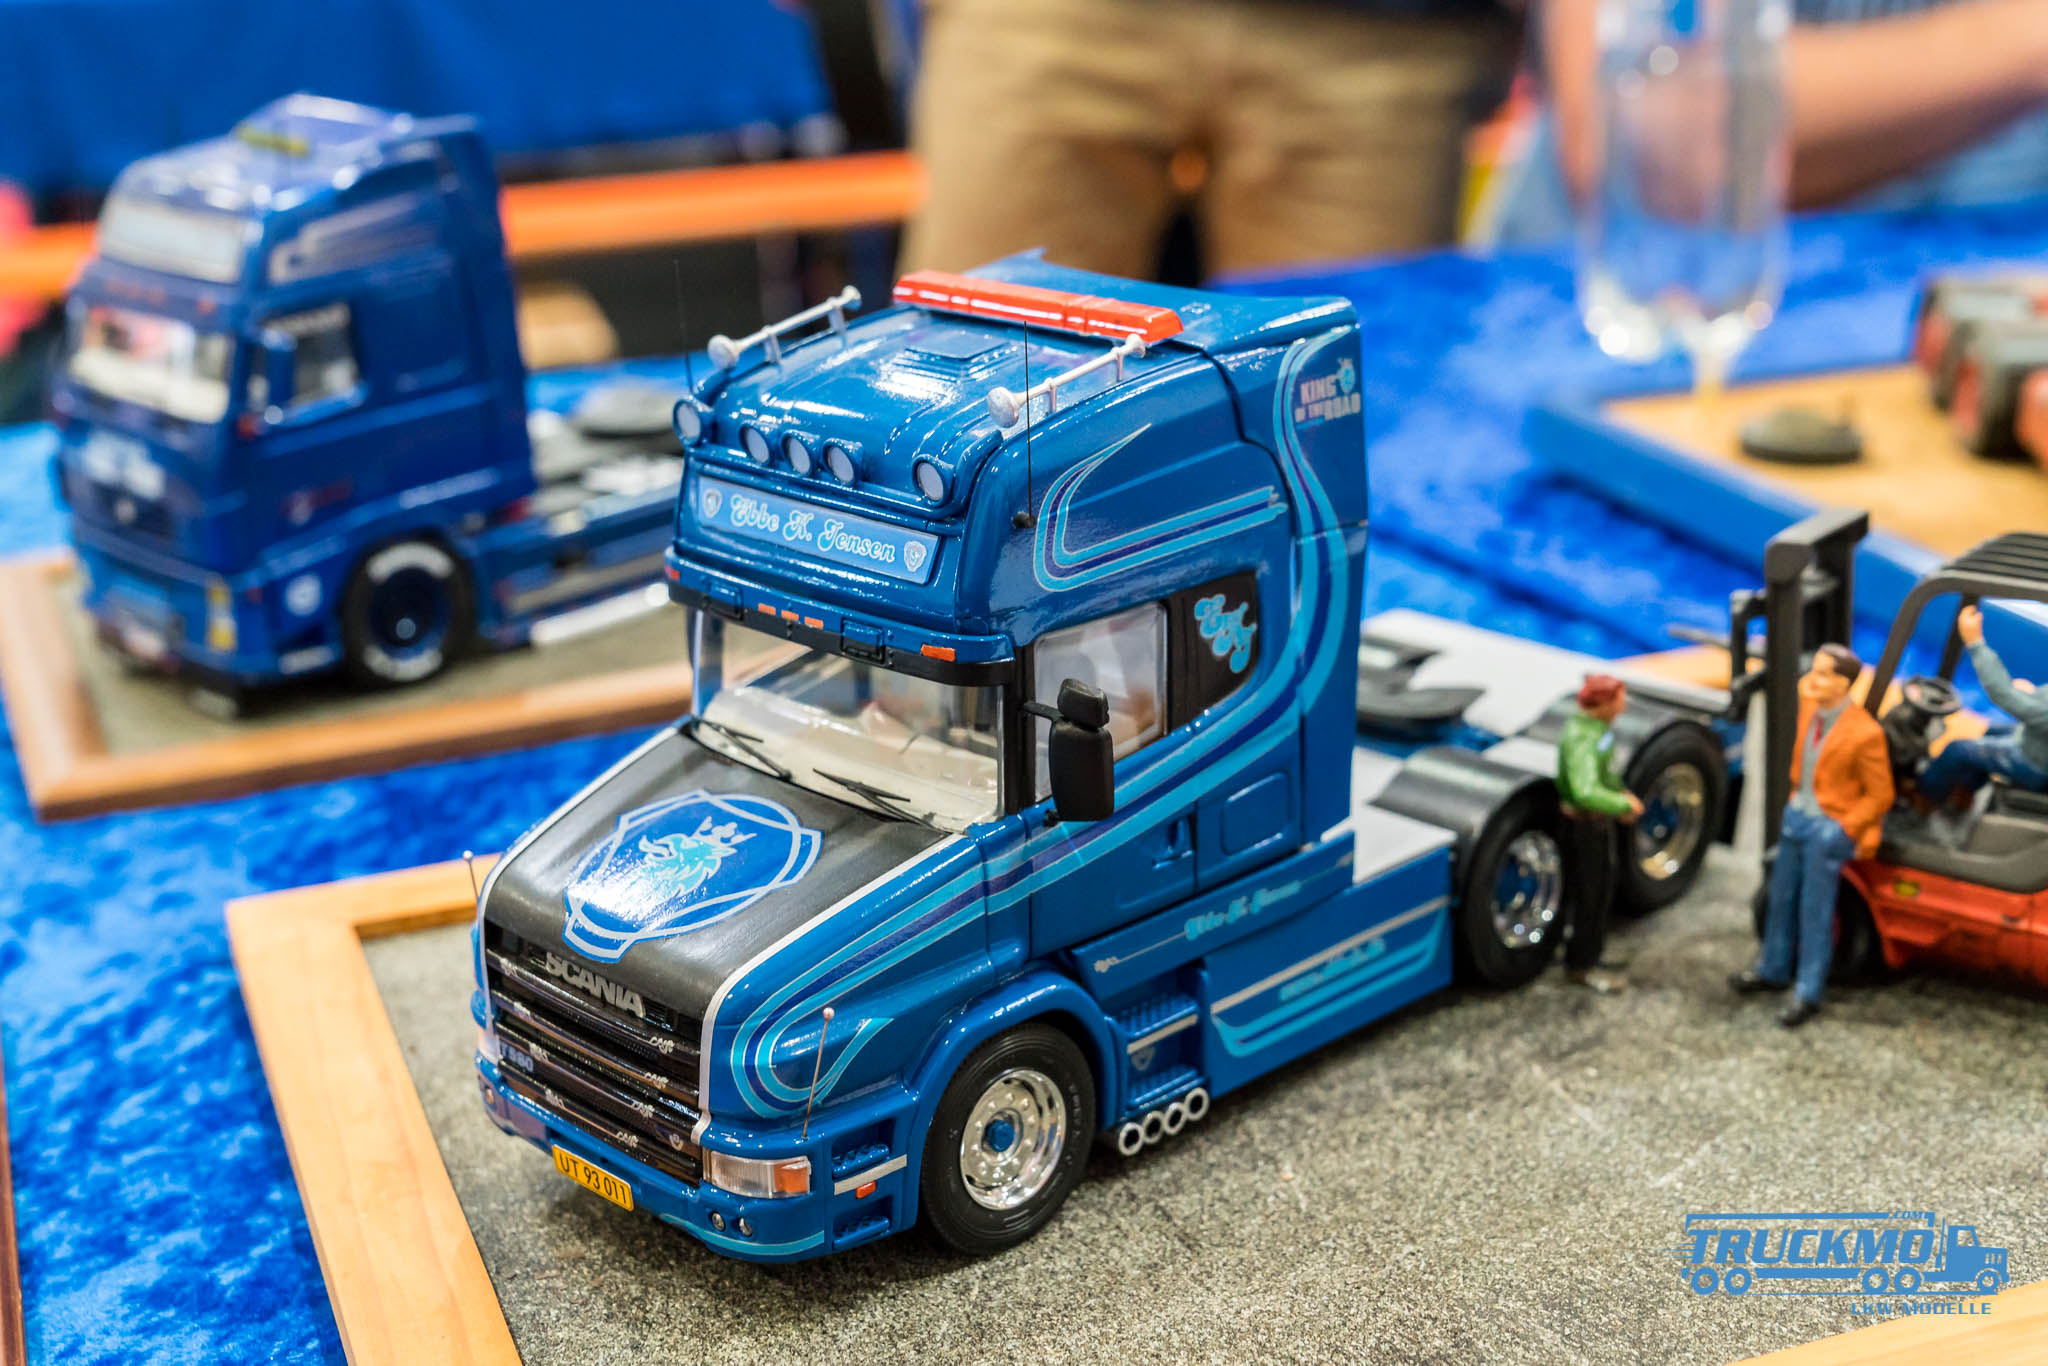 Truckmo_Modellbau_Ried_2017_Herpa_Messe_Modellbauausstellung (324 von 1177)